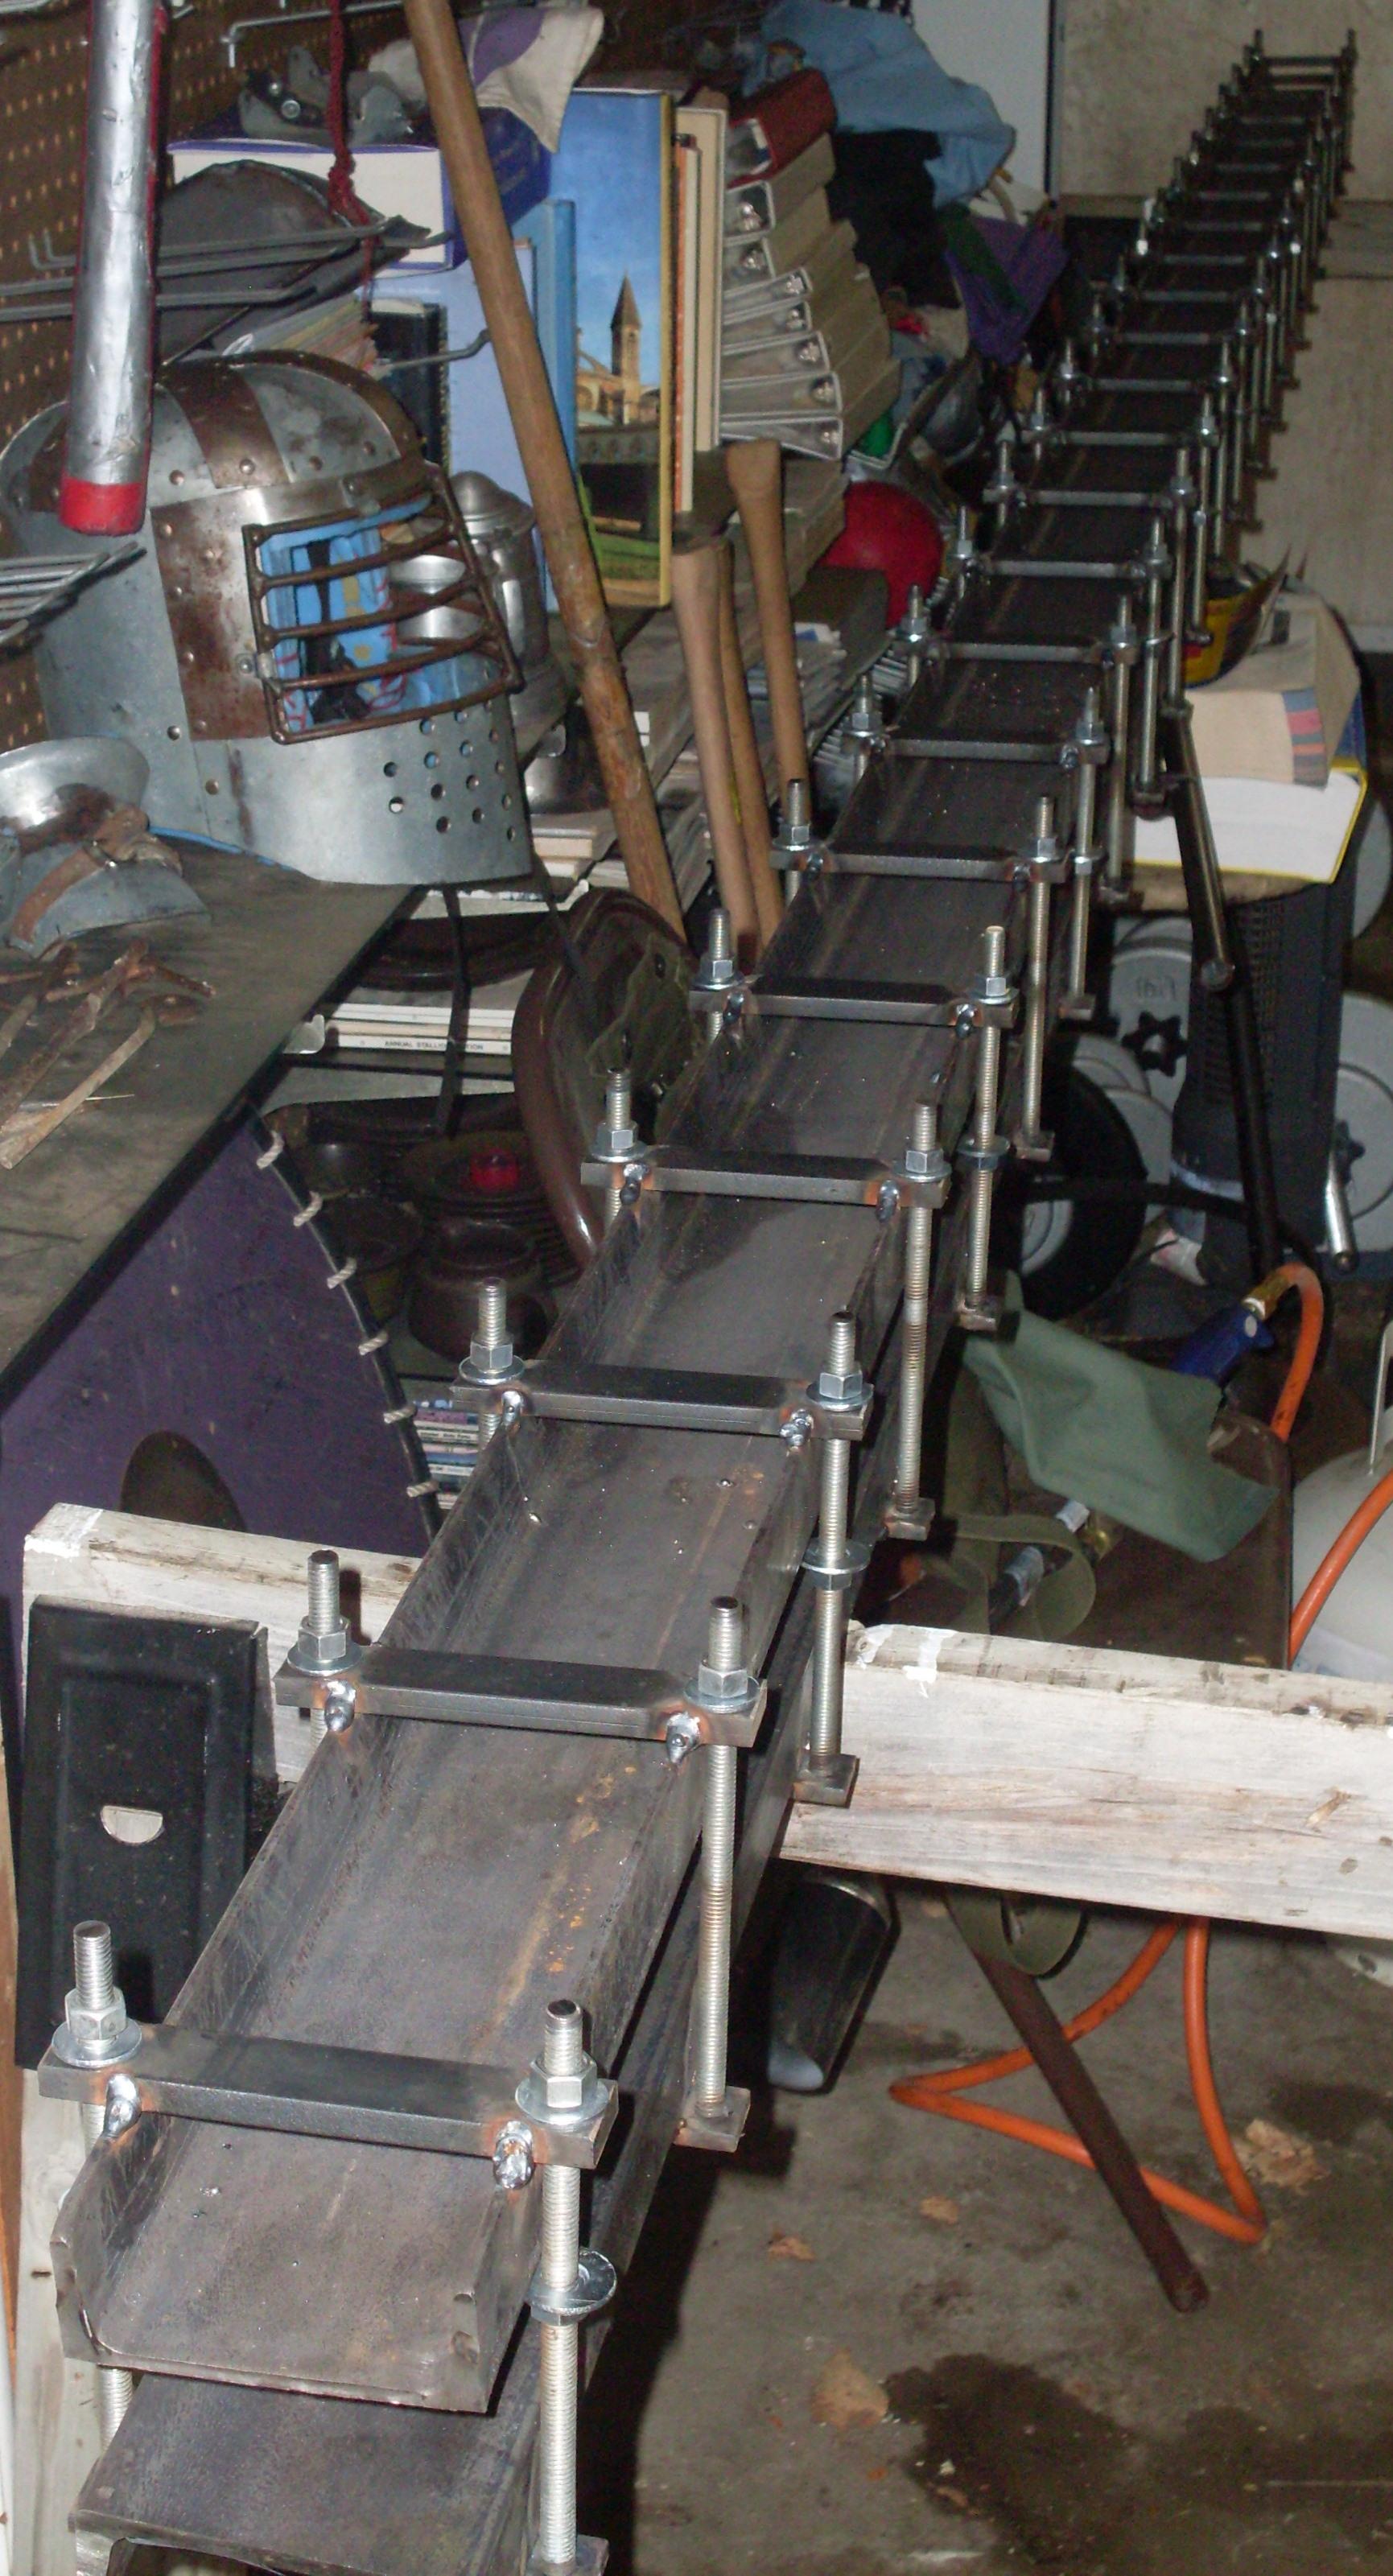 Tubing press for making aerodynamic aviation tubing